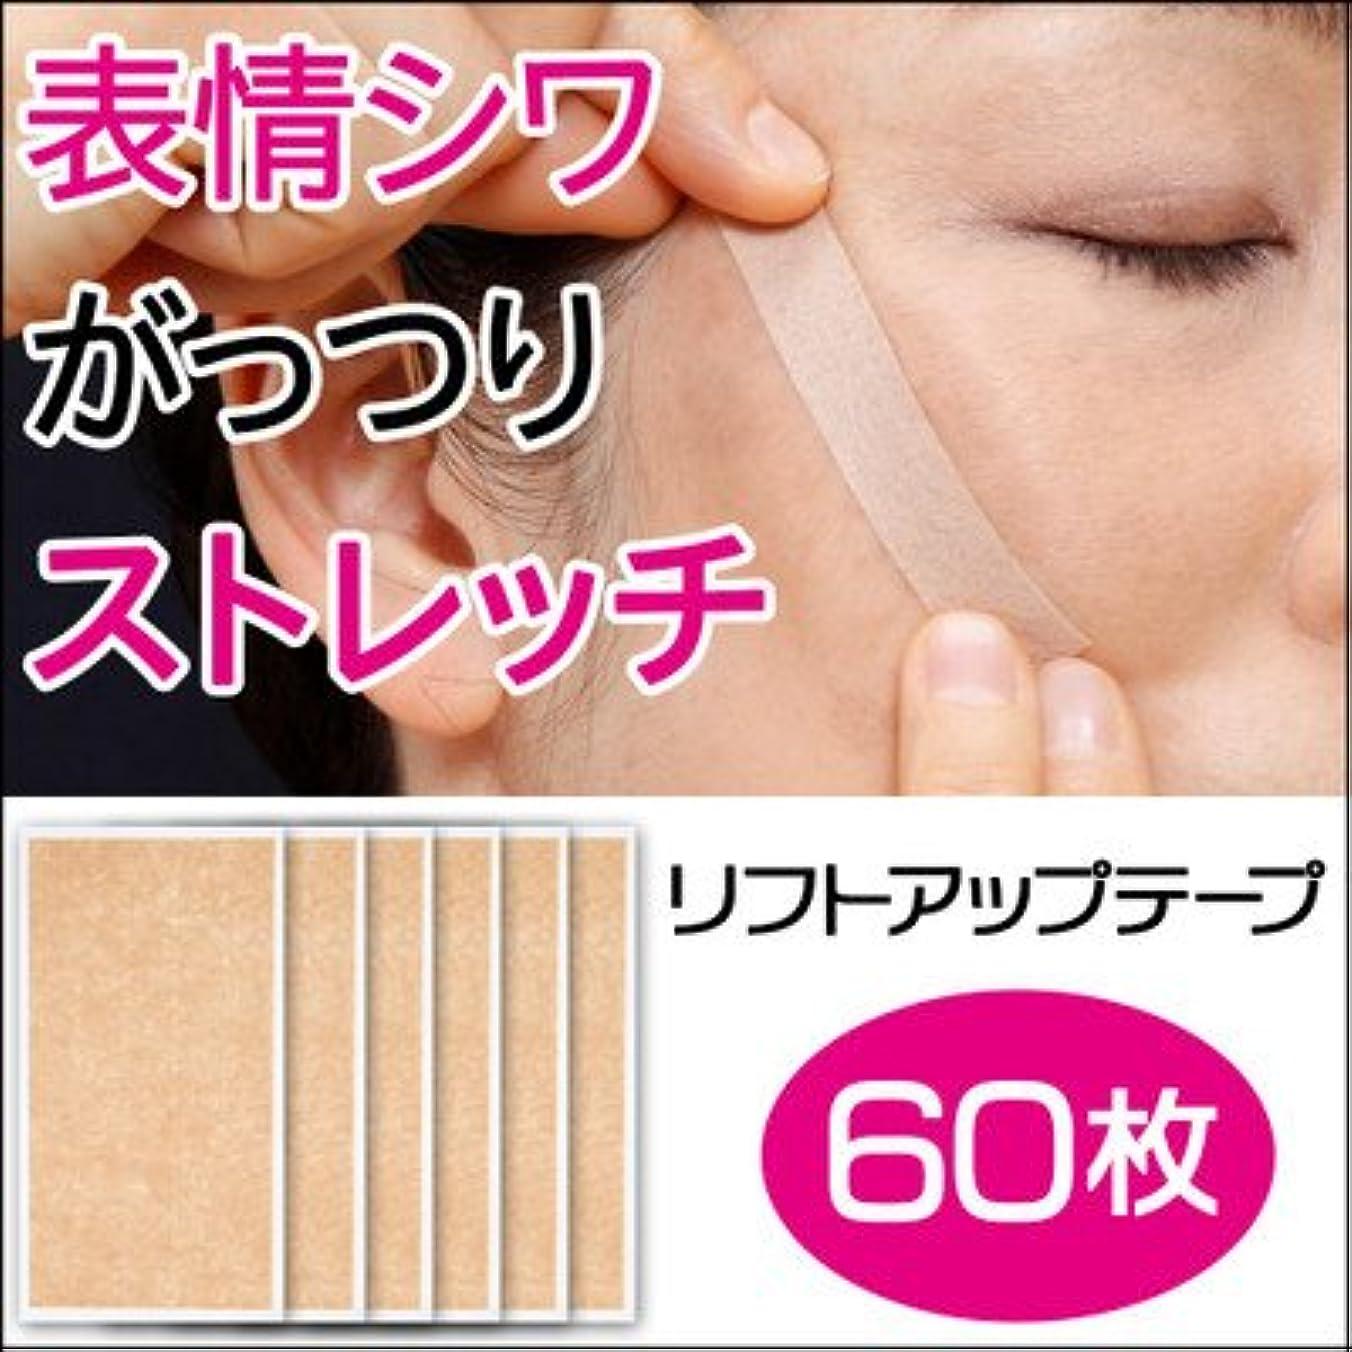 貼るだけで表情ジワやたるみを防止するテープ フェイスリフトテープ